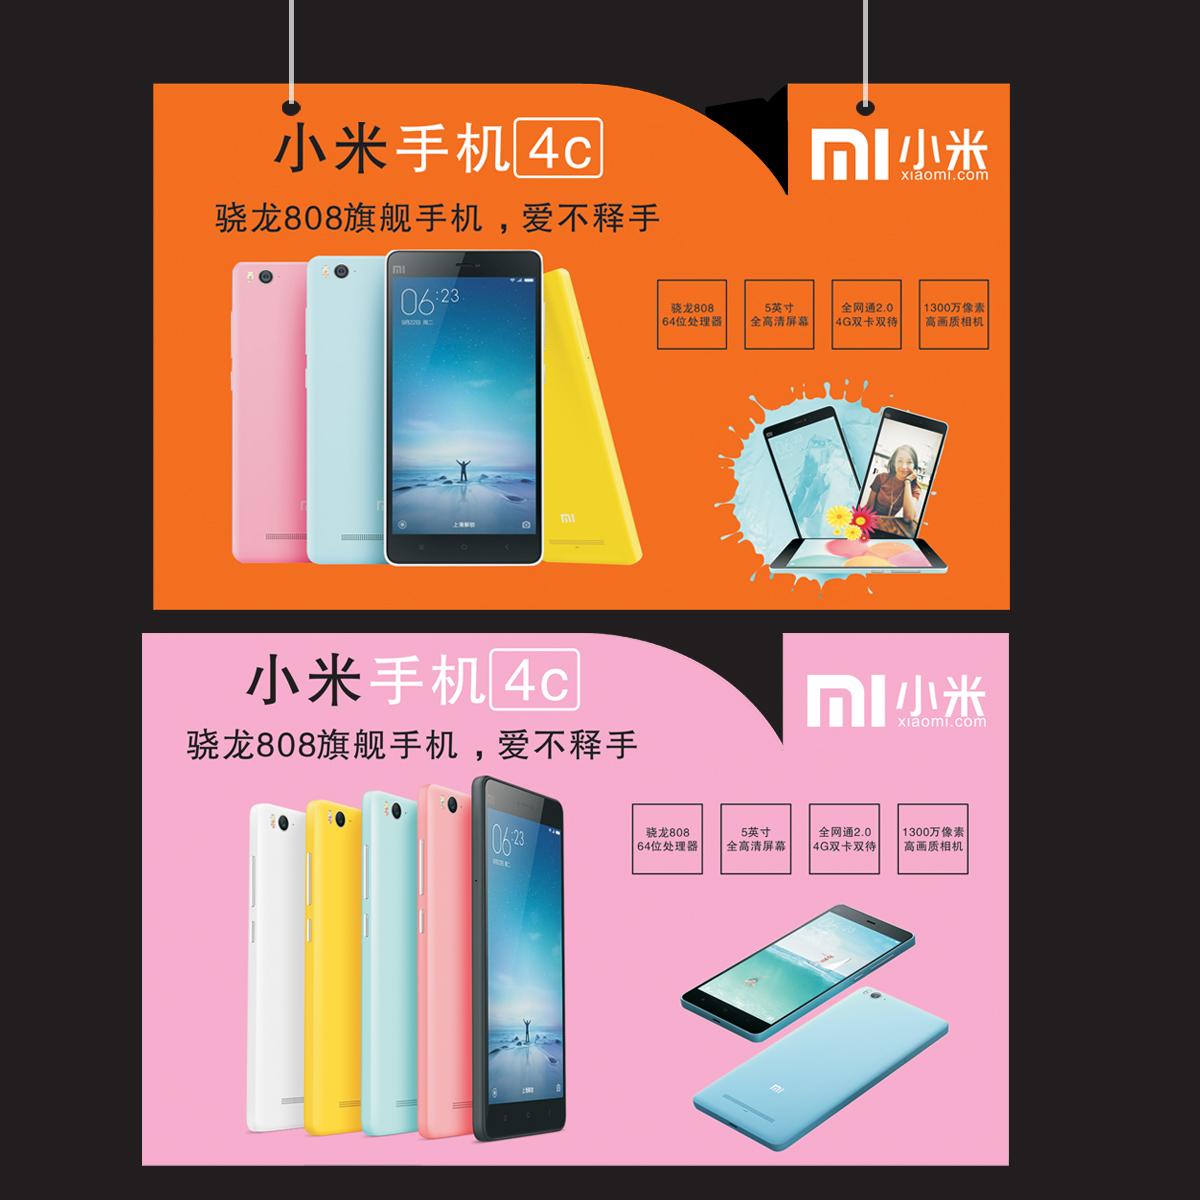 鹿晗代言的高中_exo代言的天才_oppor7手机手机与a高中手机图片